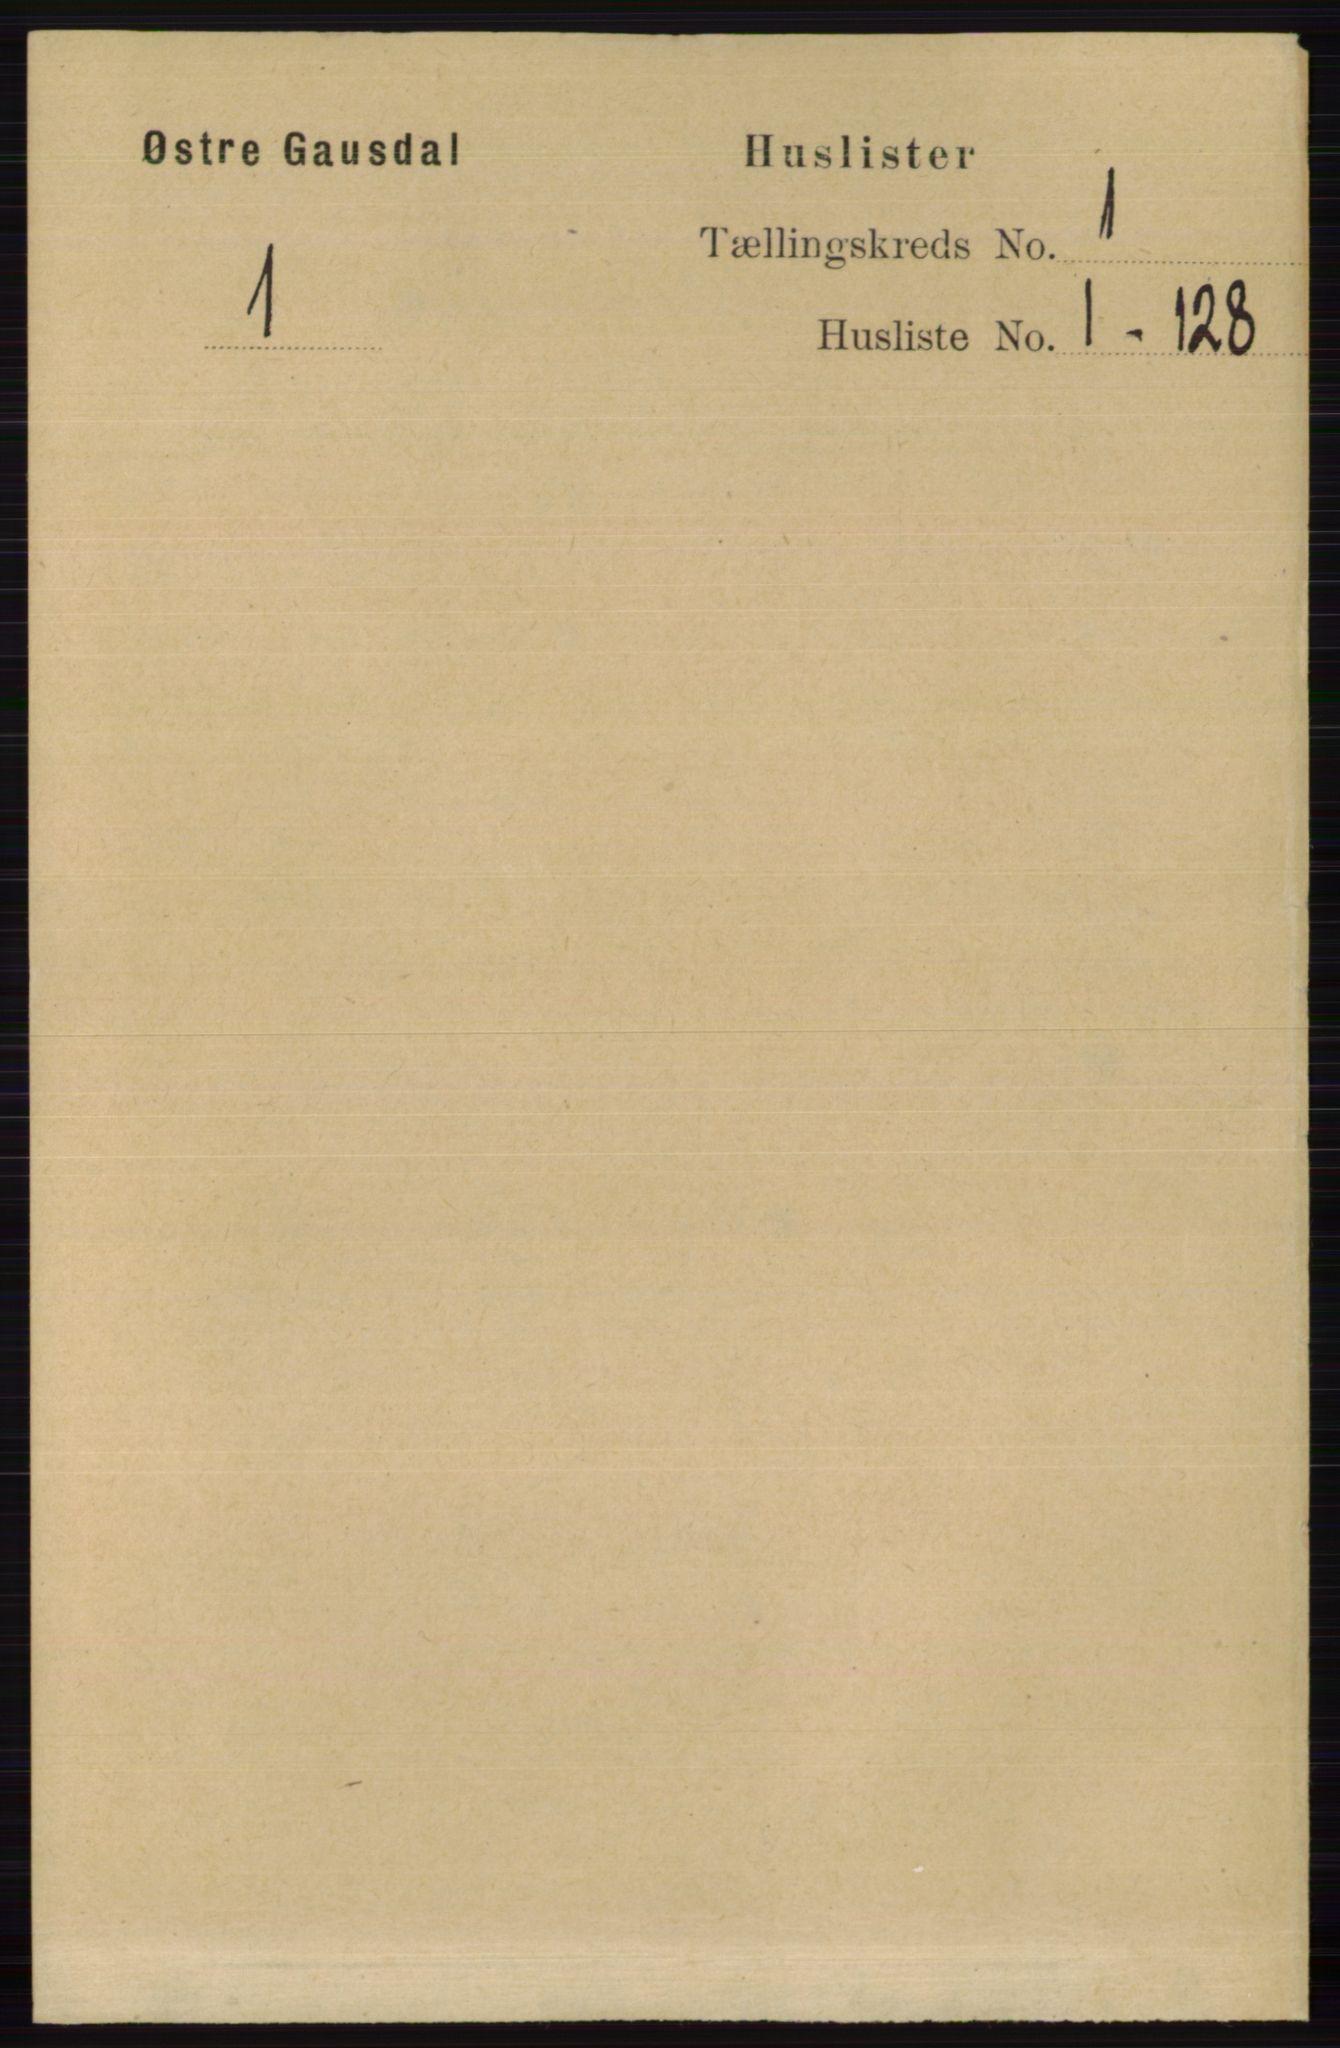 RA, Folketelling 1891 for 0522 Østre Gausdal herred, 1891, s. 21